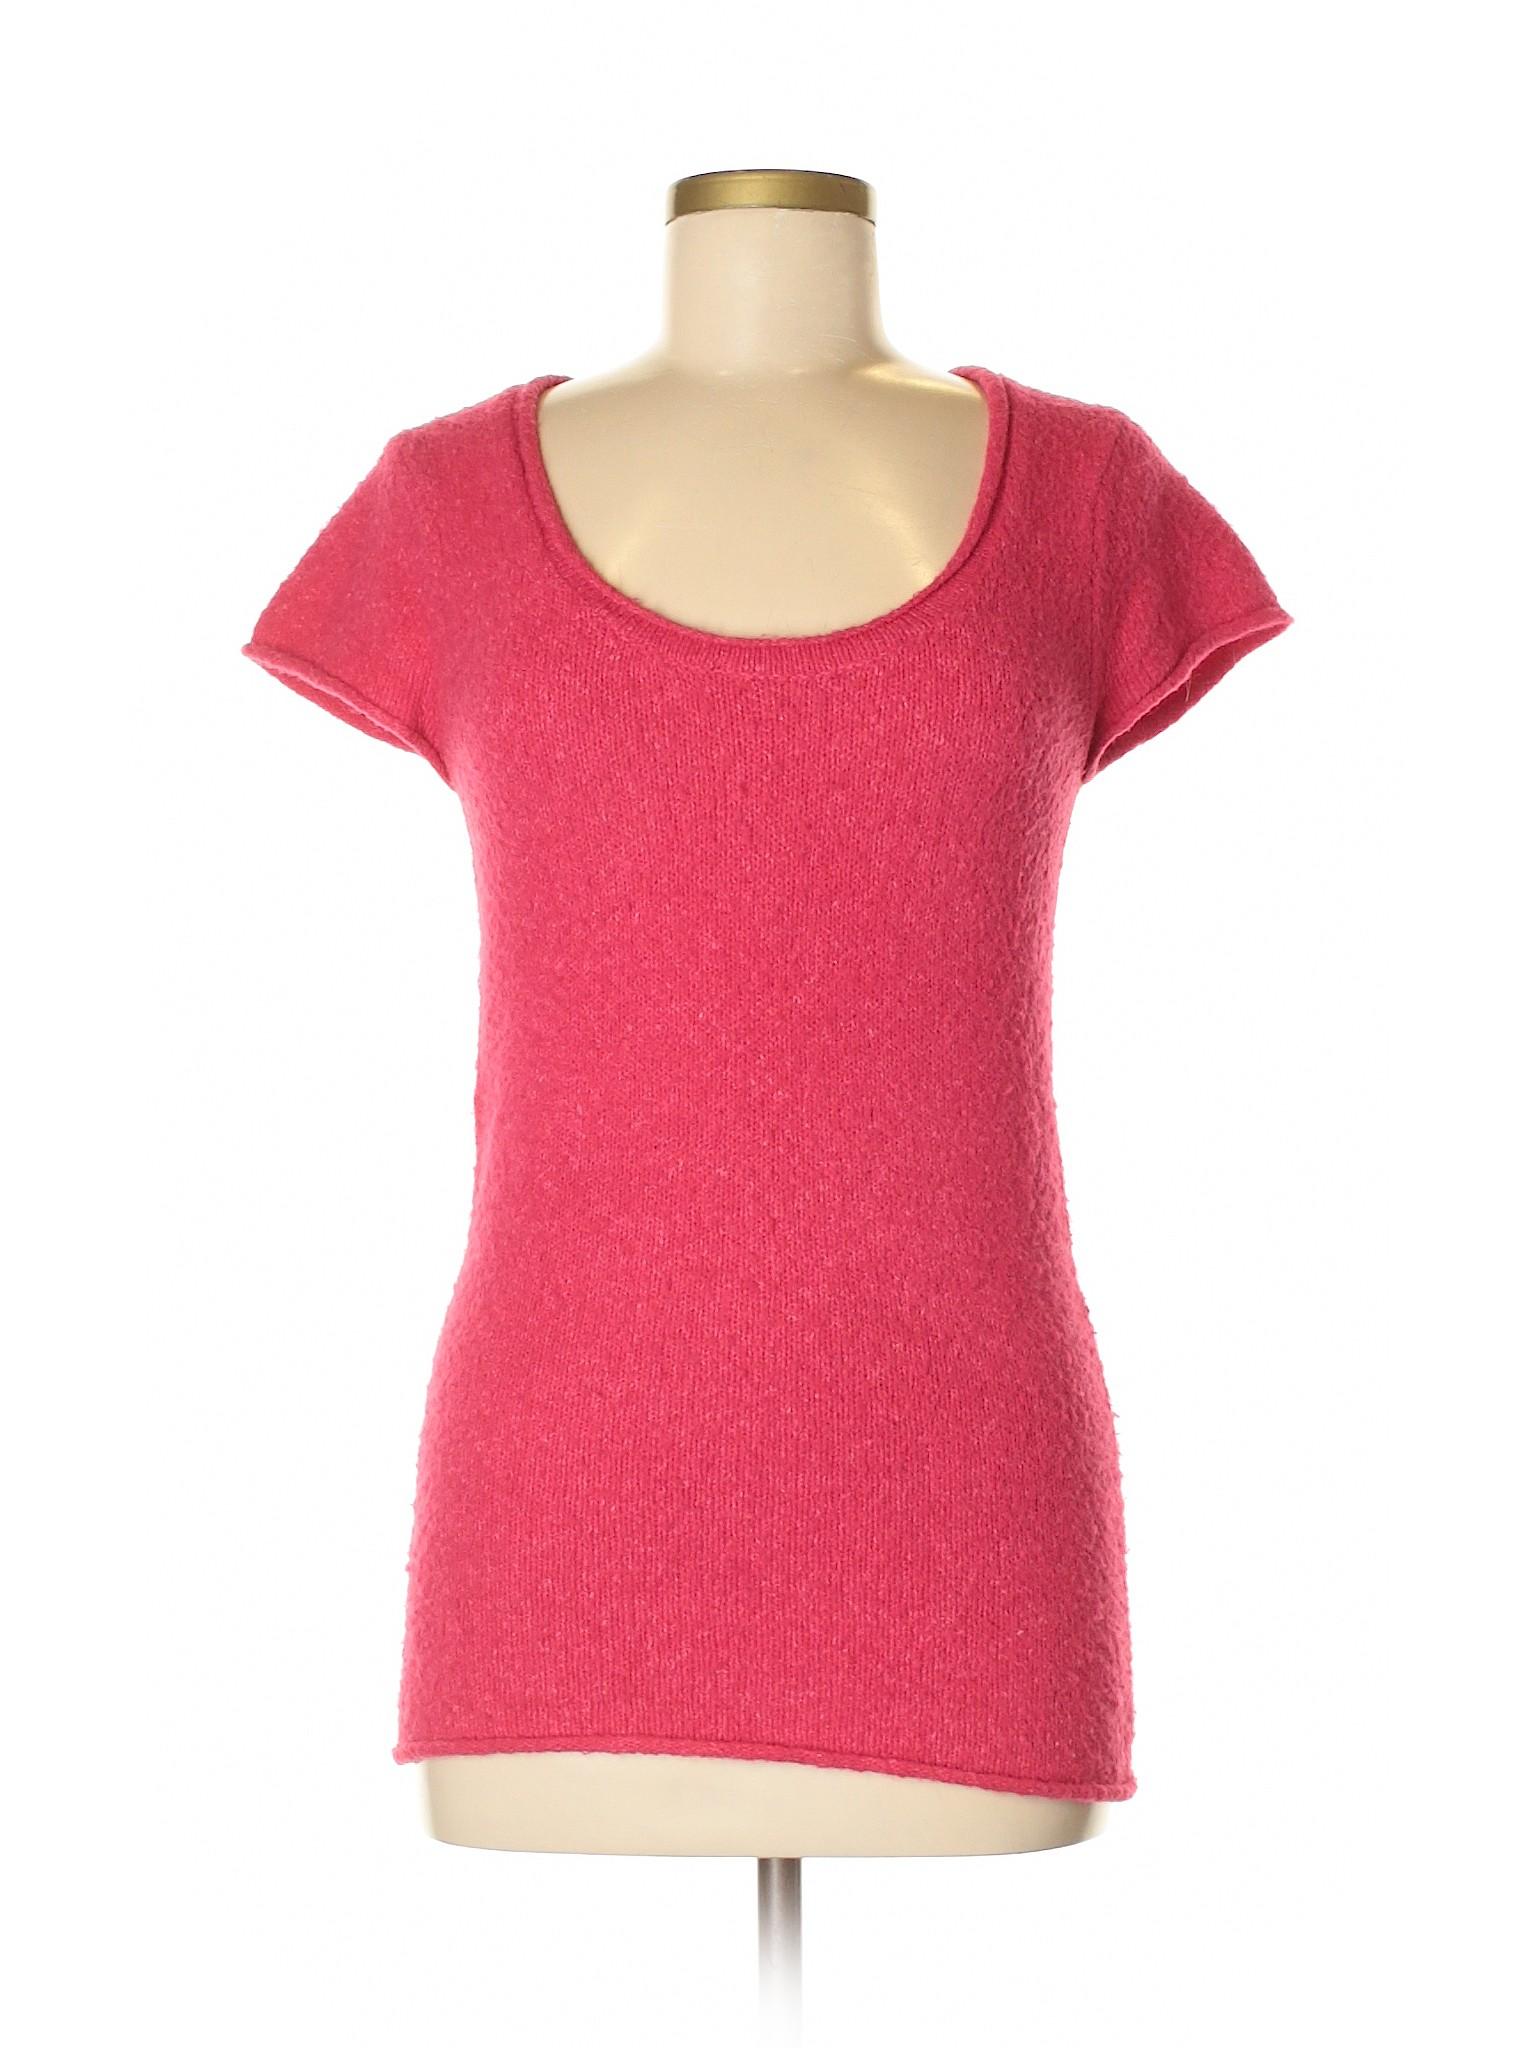 Sweater Boutique Boutique BCBGMAXAZRIA winter winter Pullover OARqXv